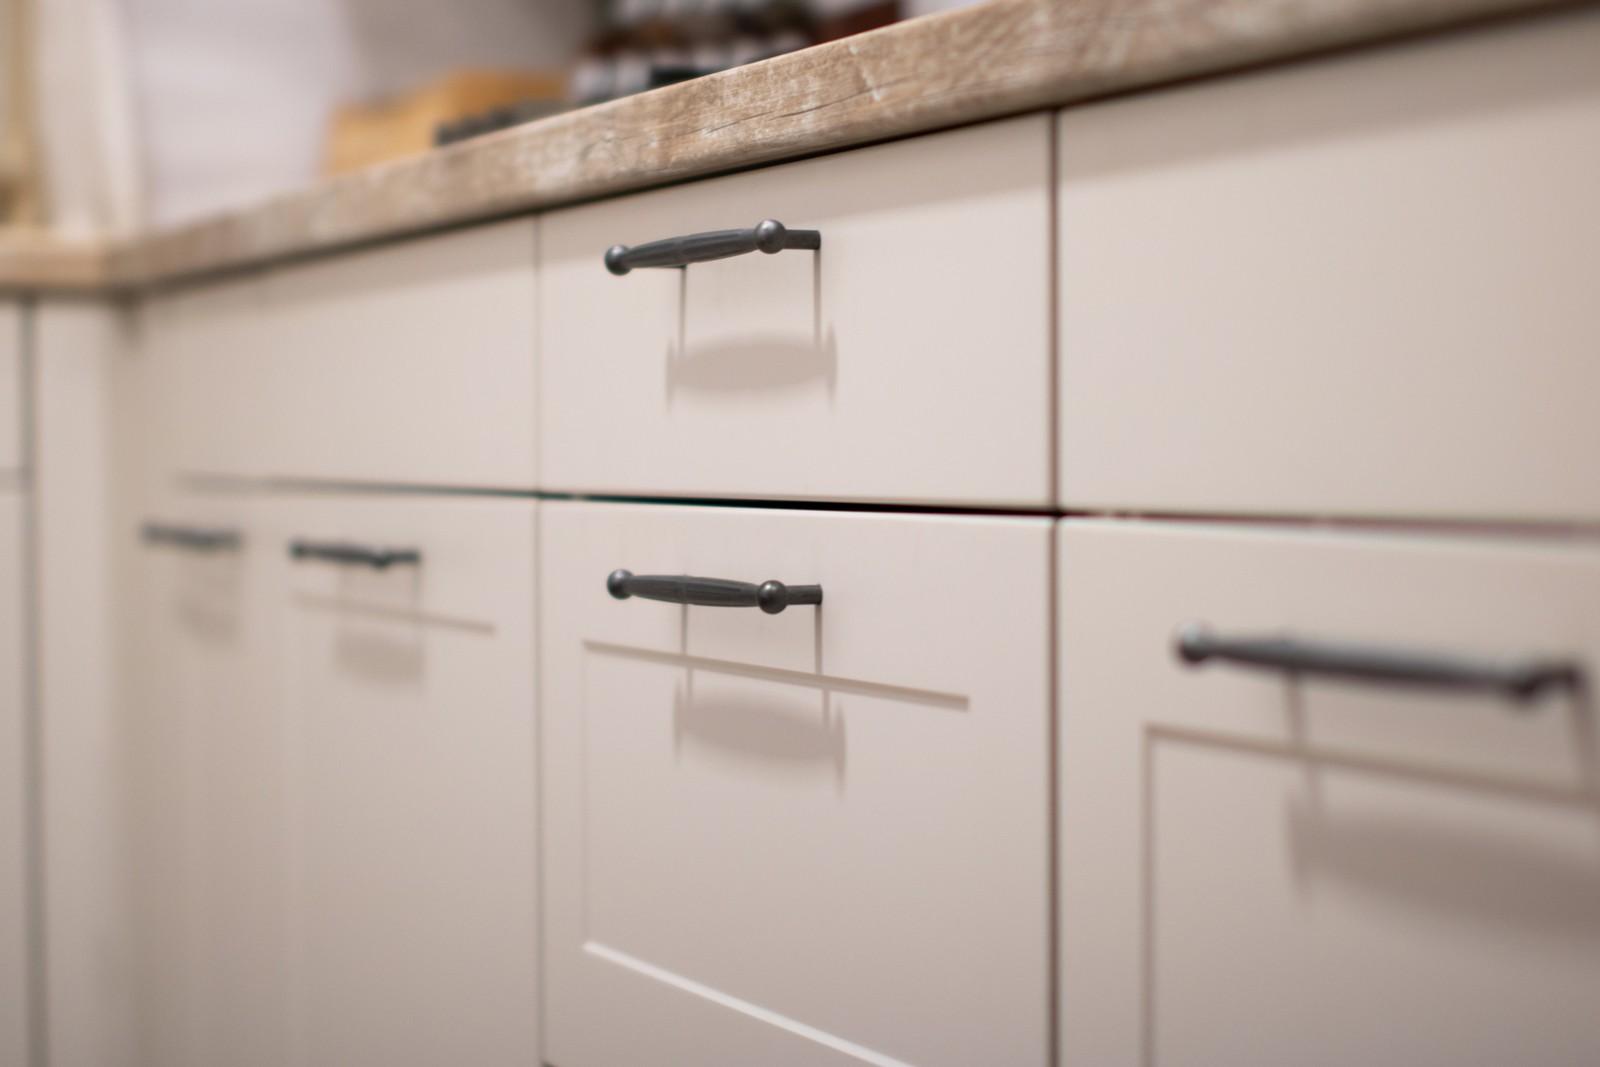 Referință - Bucătărie clasică Nobilia Credo - Savanna / Driftwood